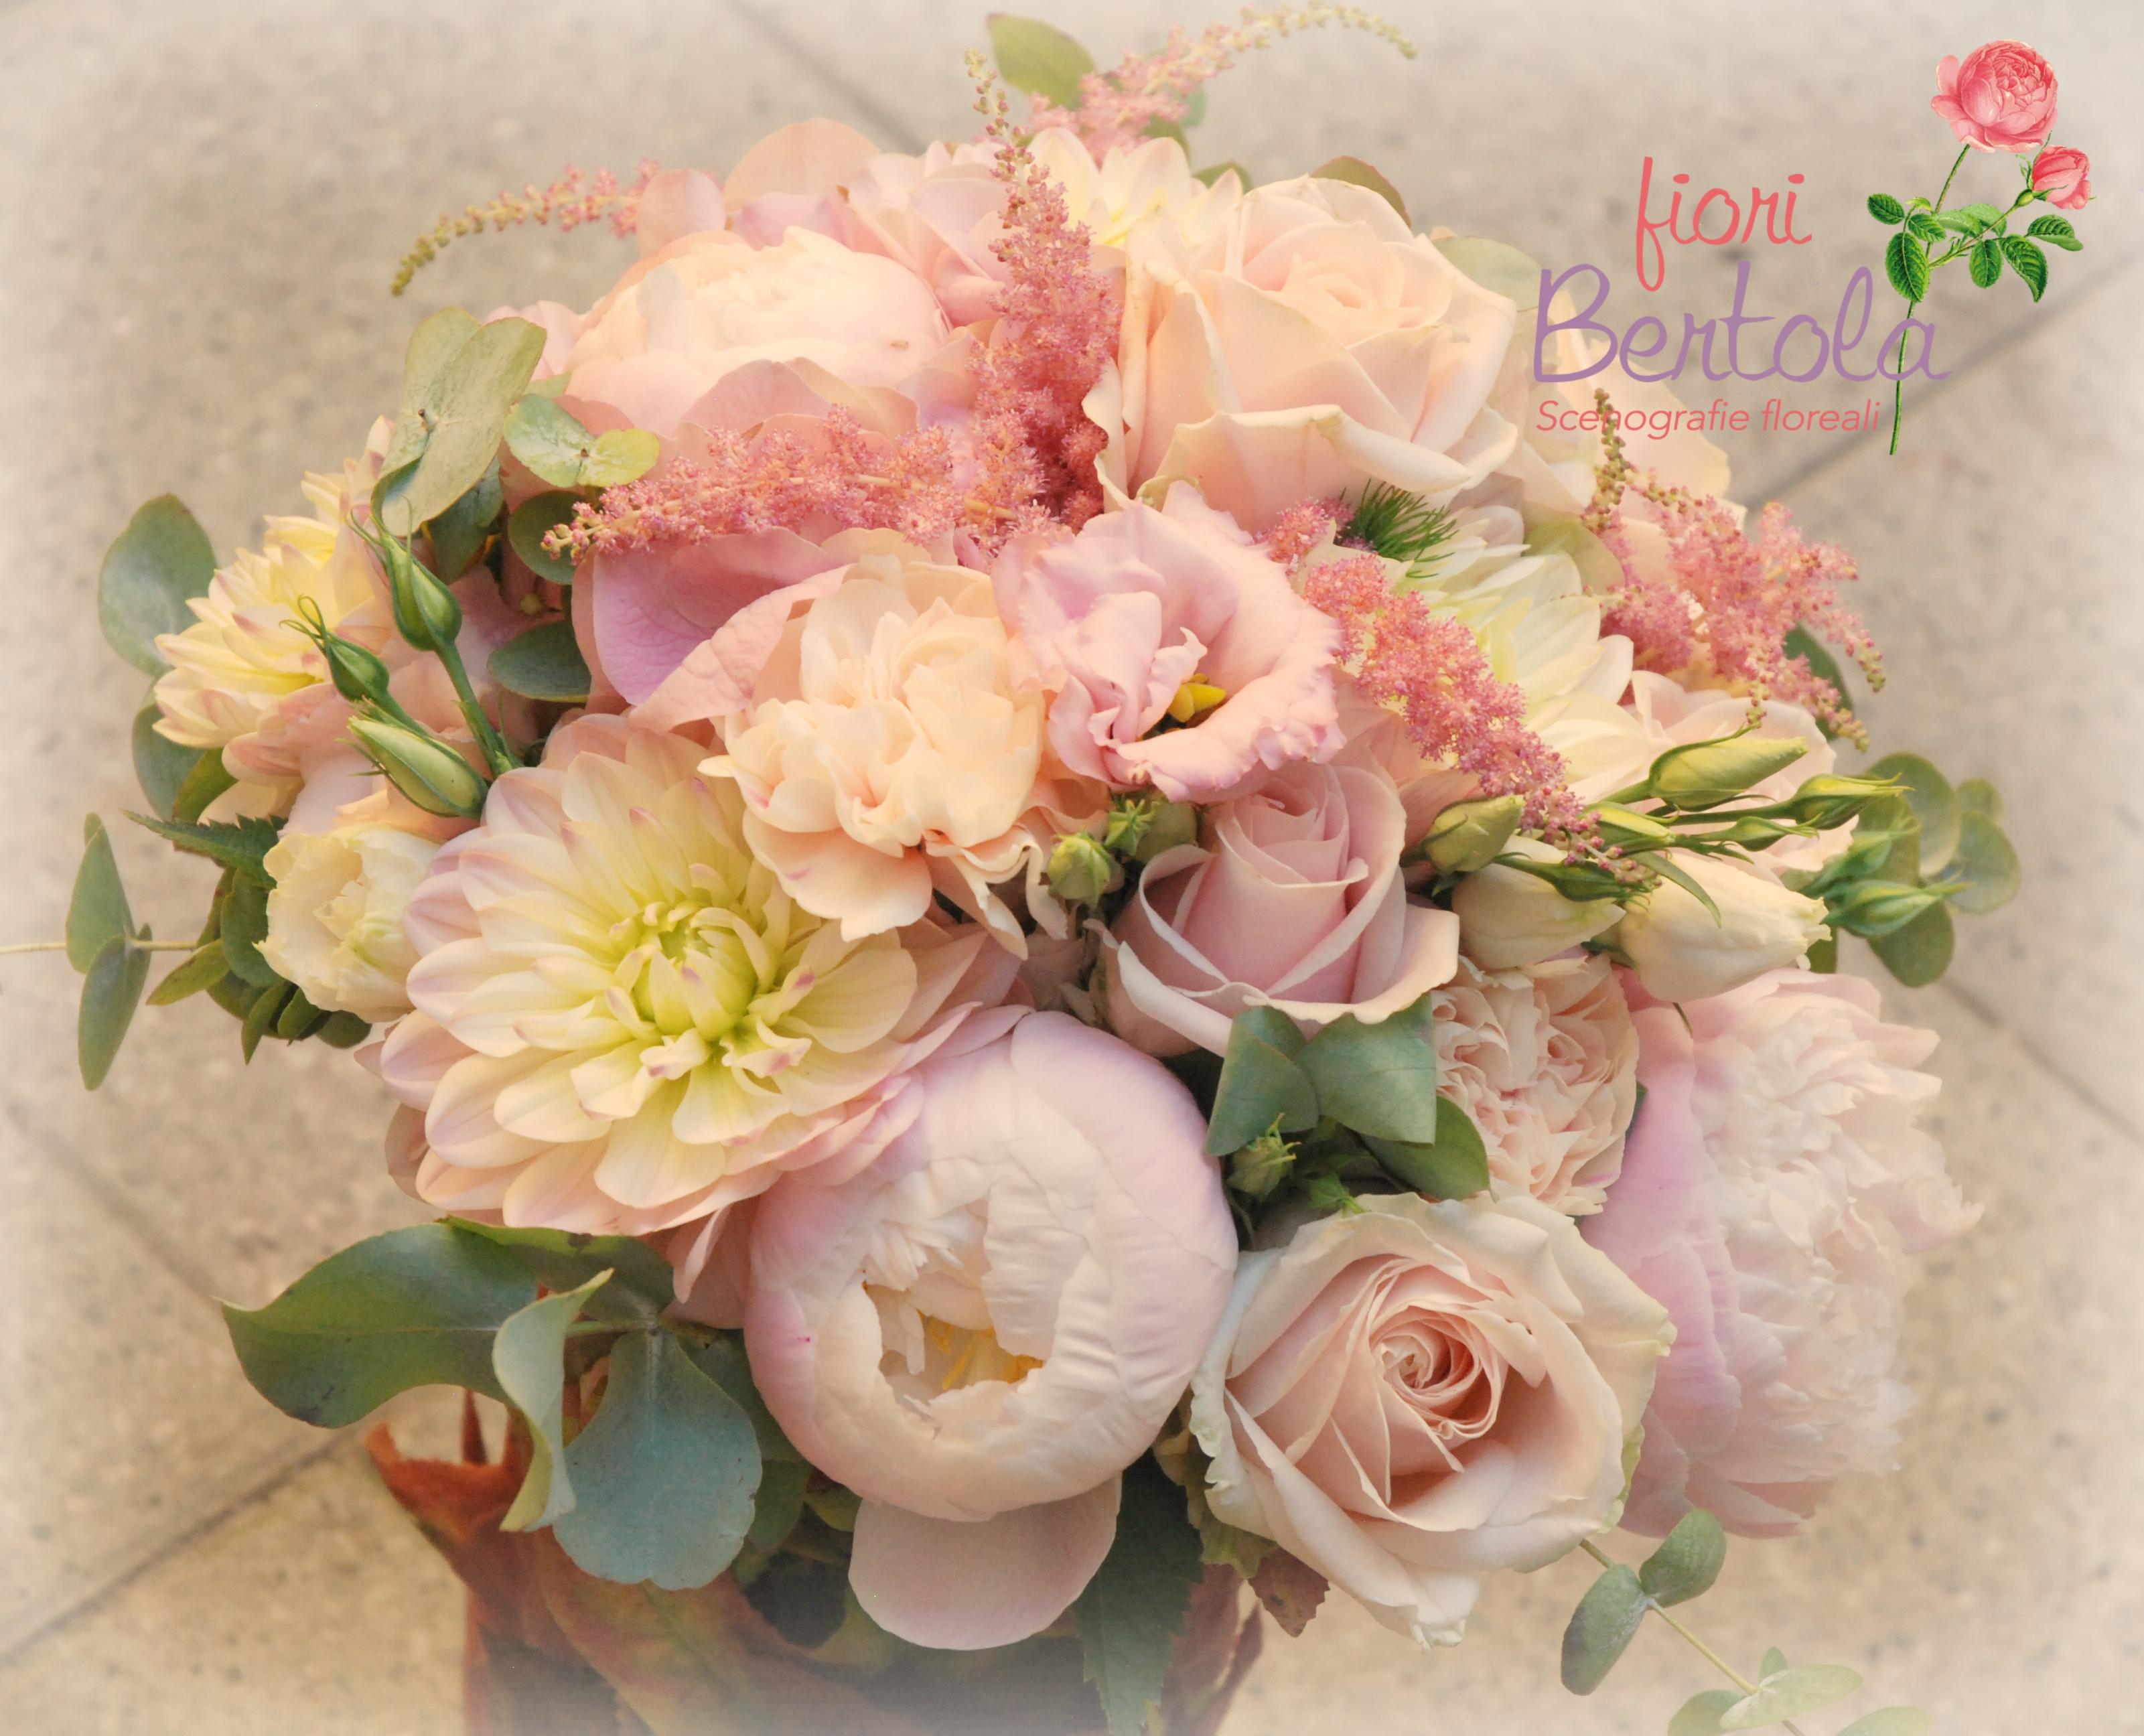 sposa bouquet